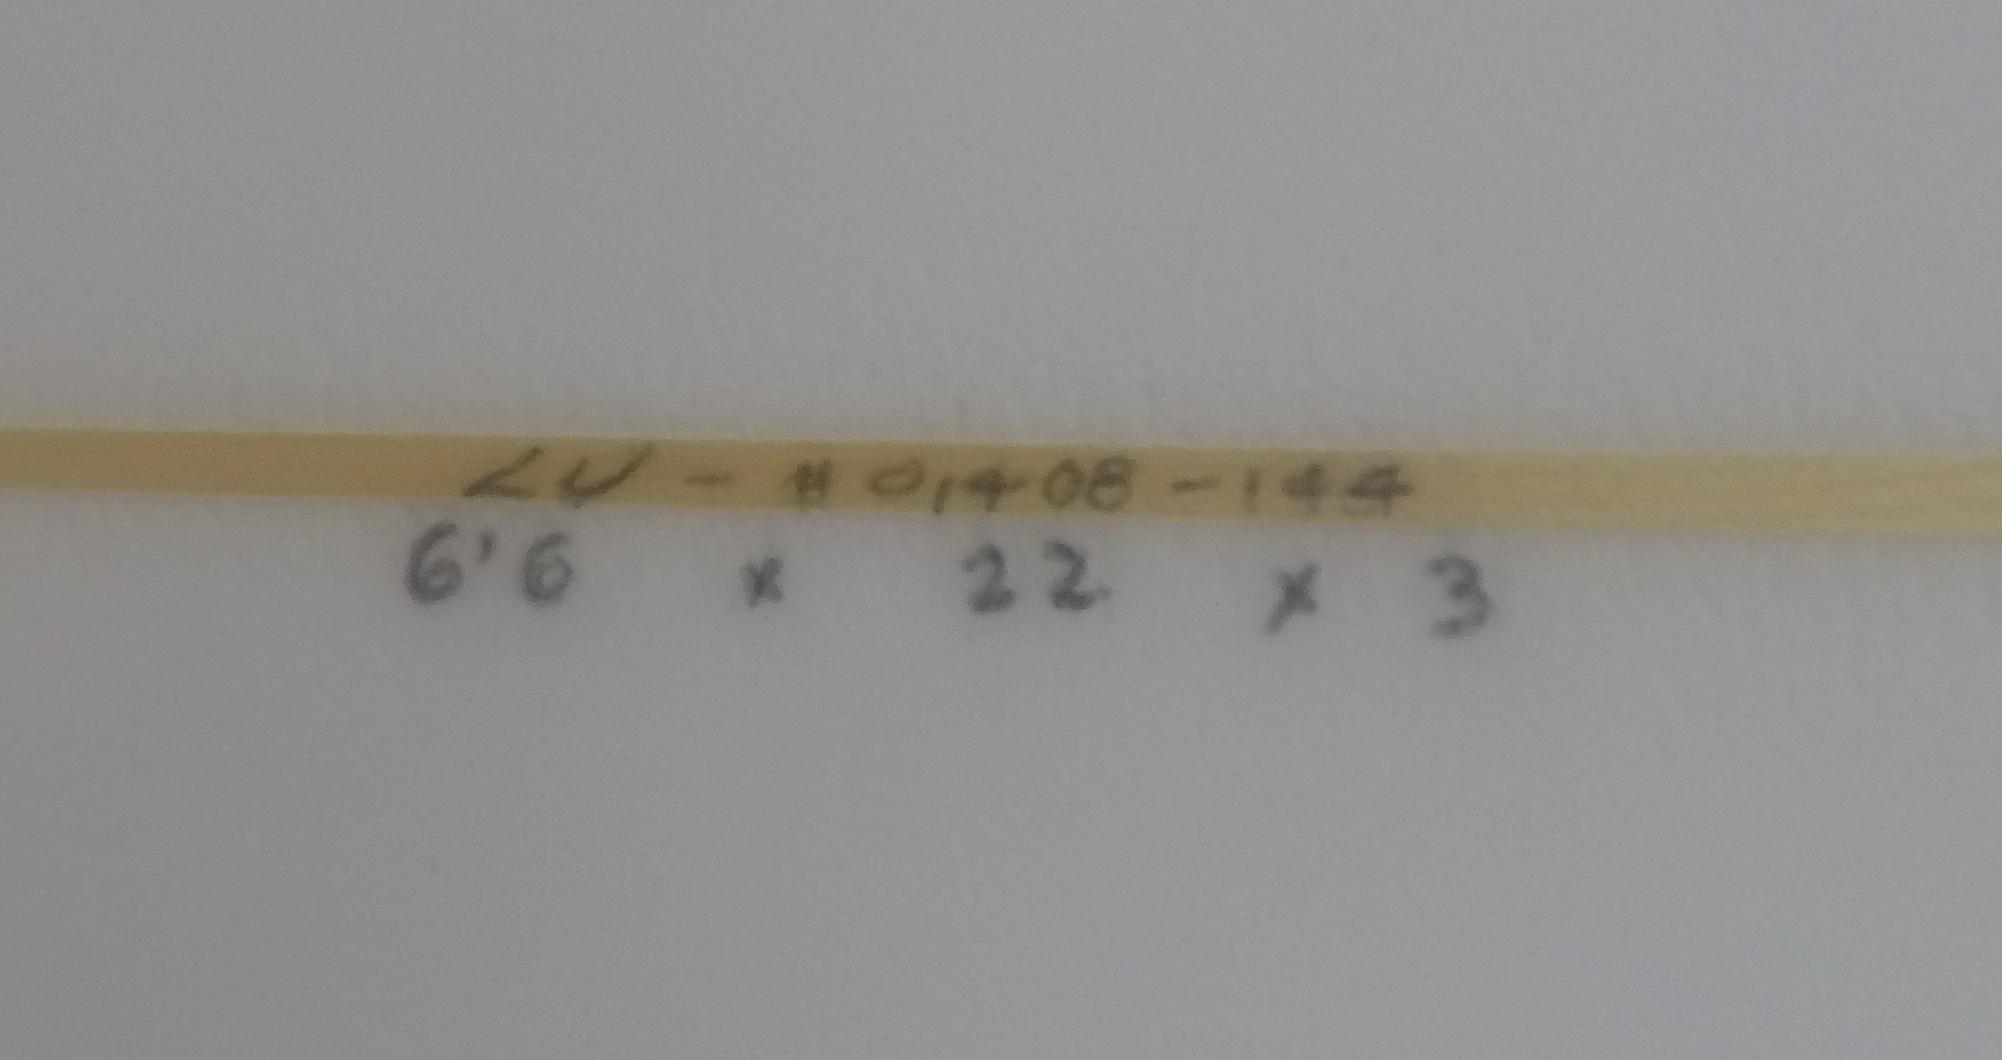 6'6 #3.jpg